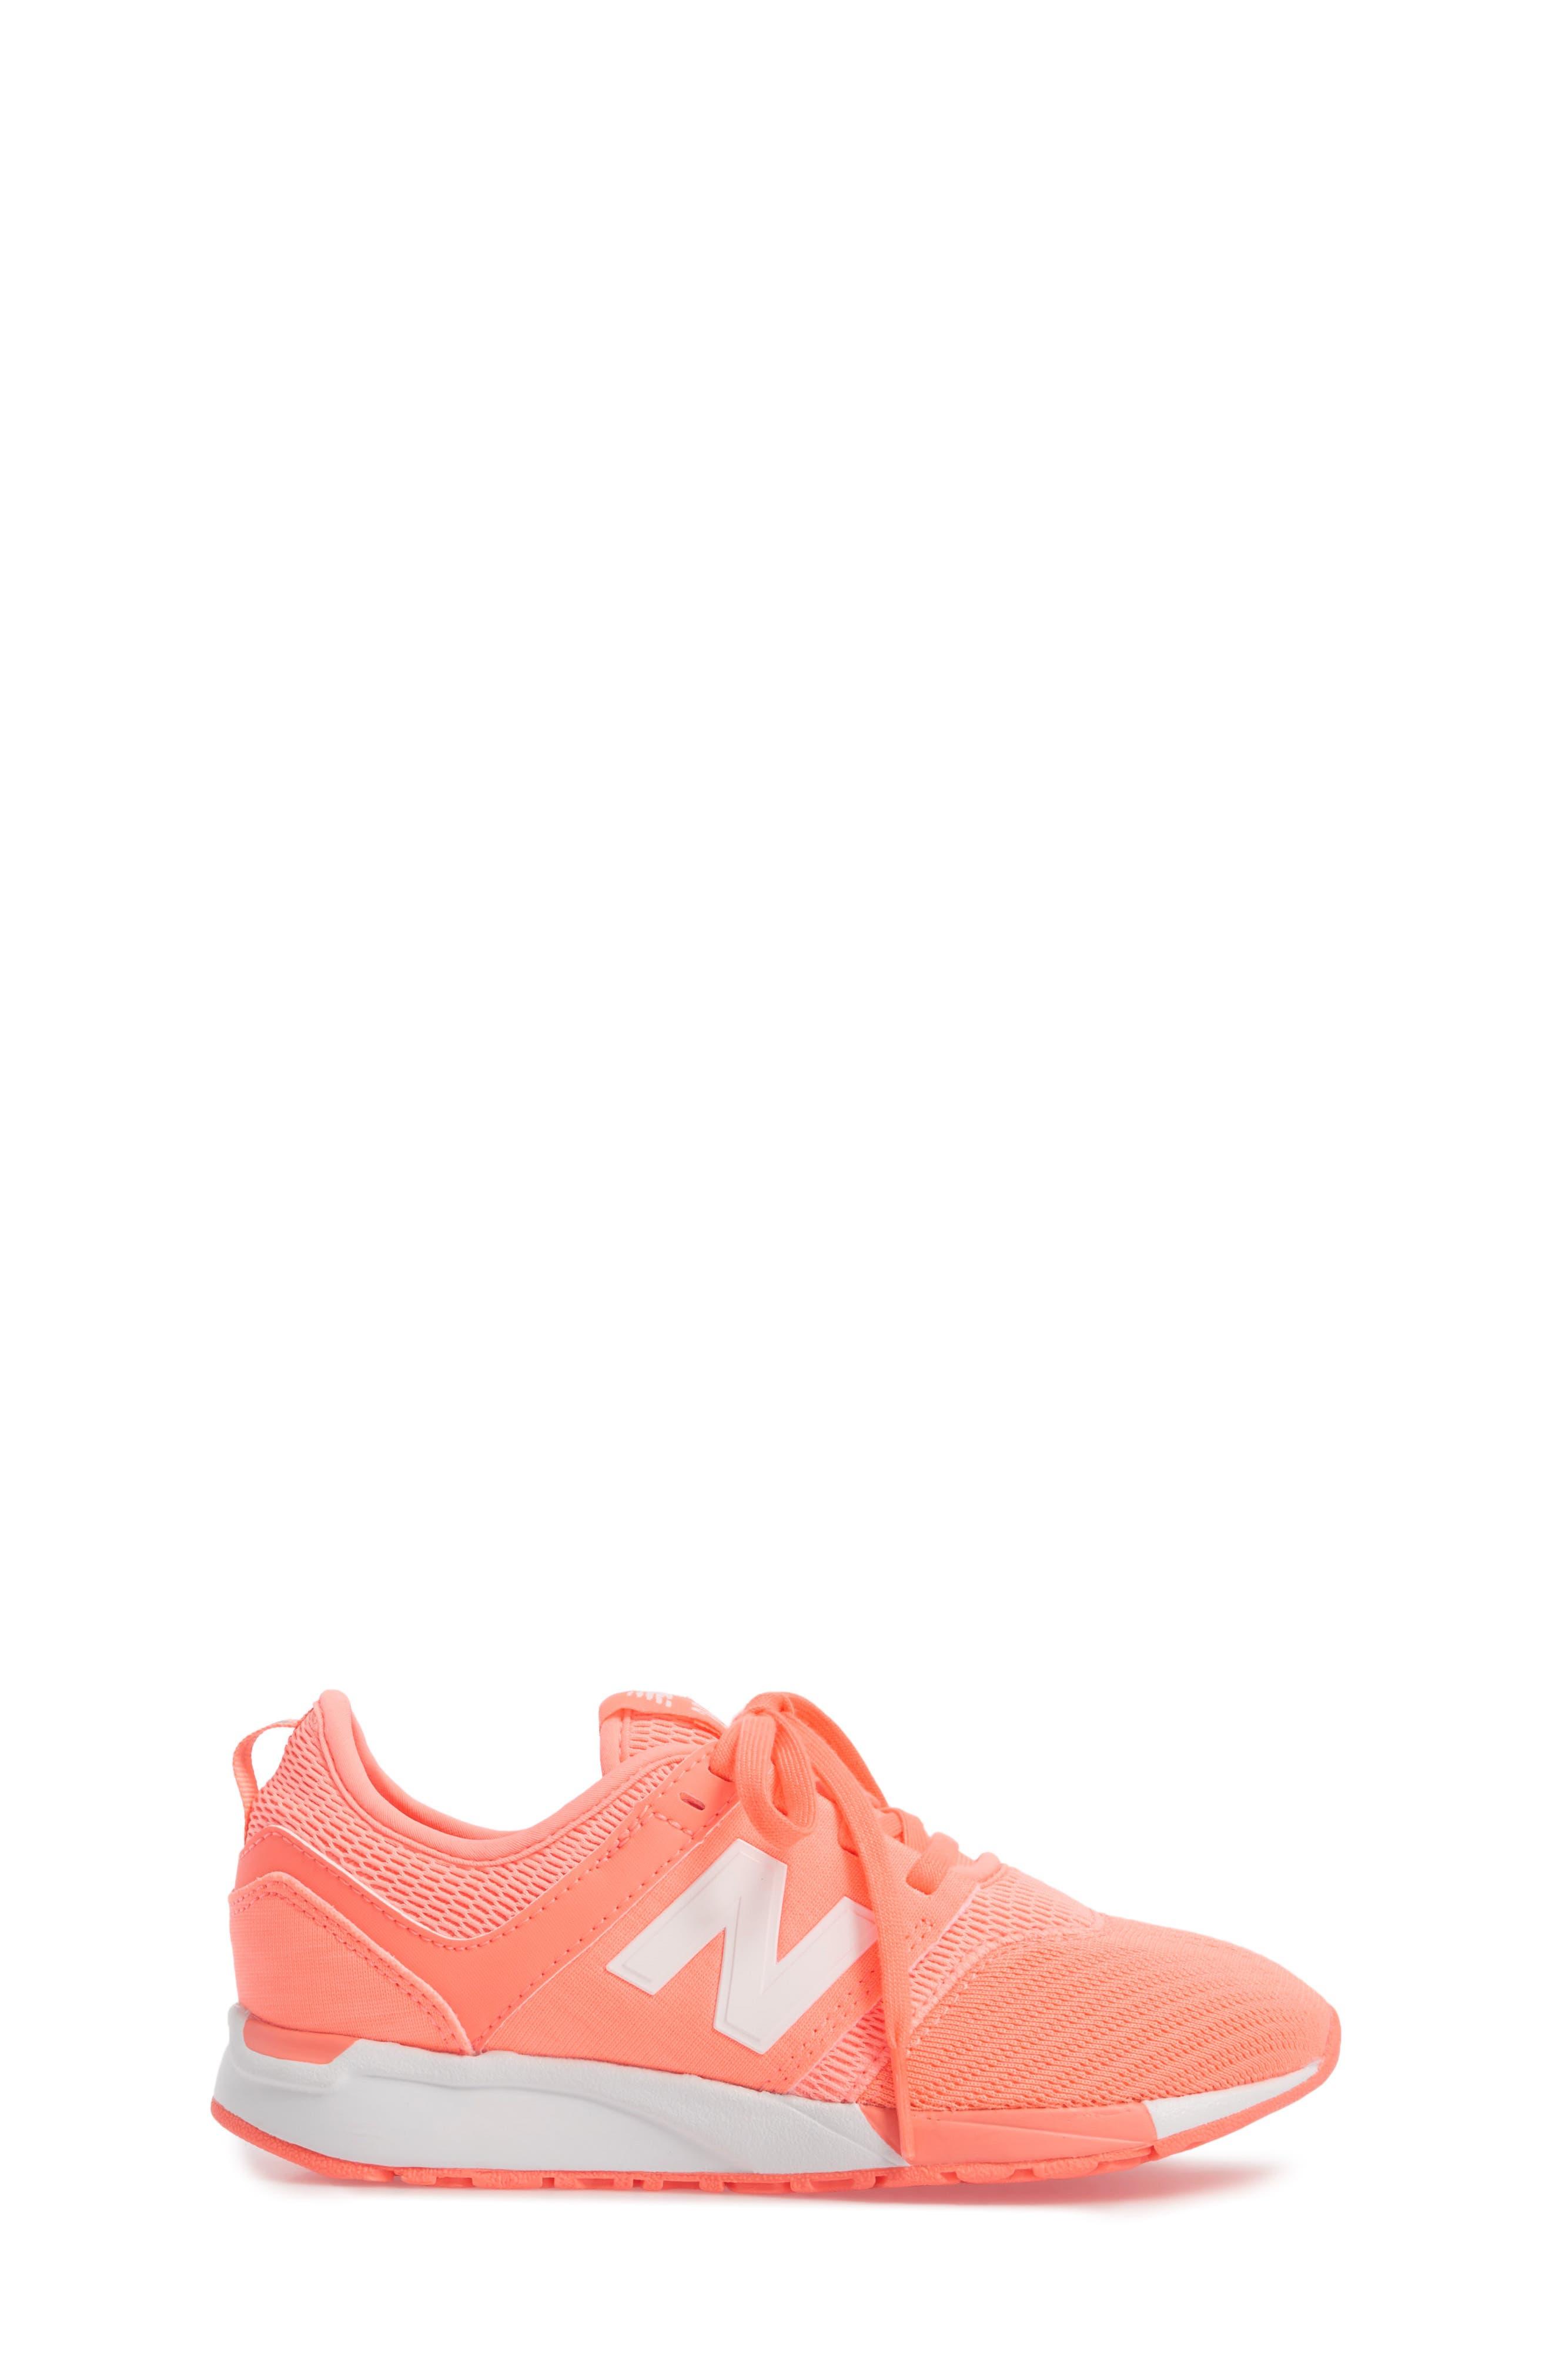 247 Sport Sneaker,                             Alternate thumbnail 3, color,                             653